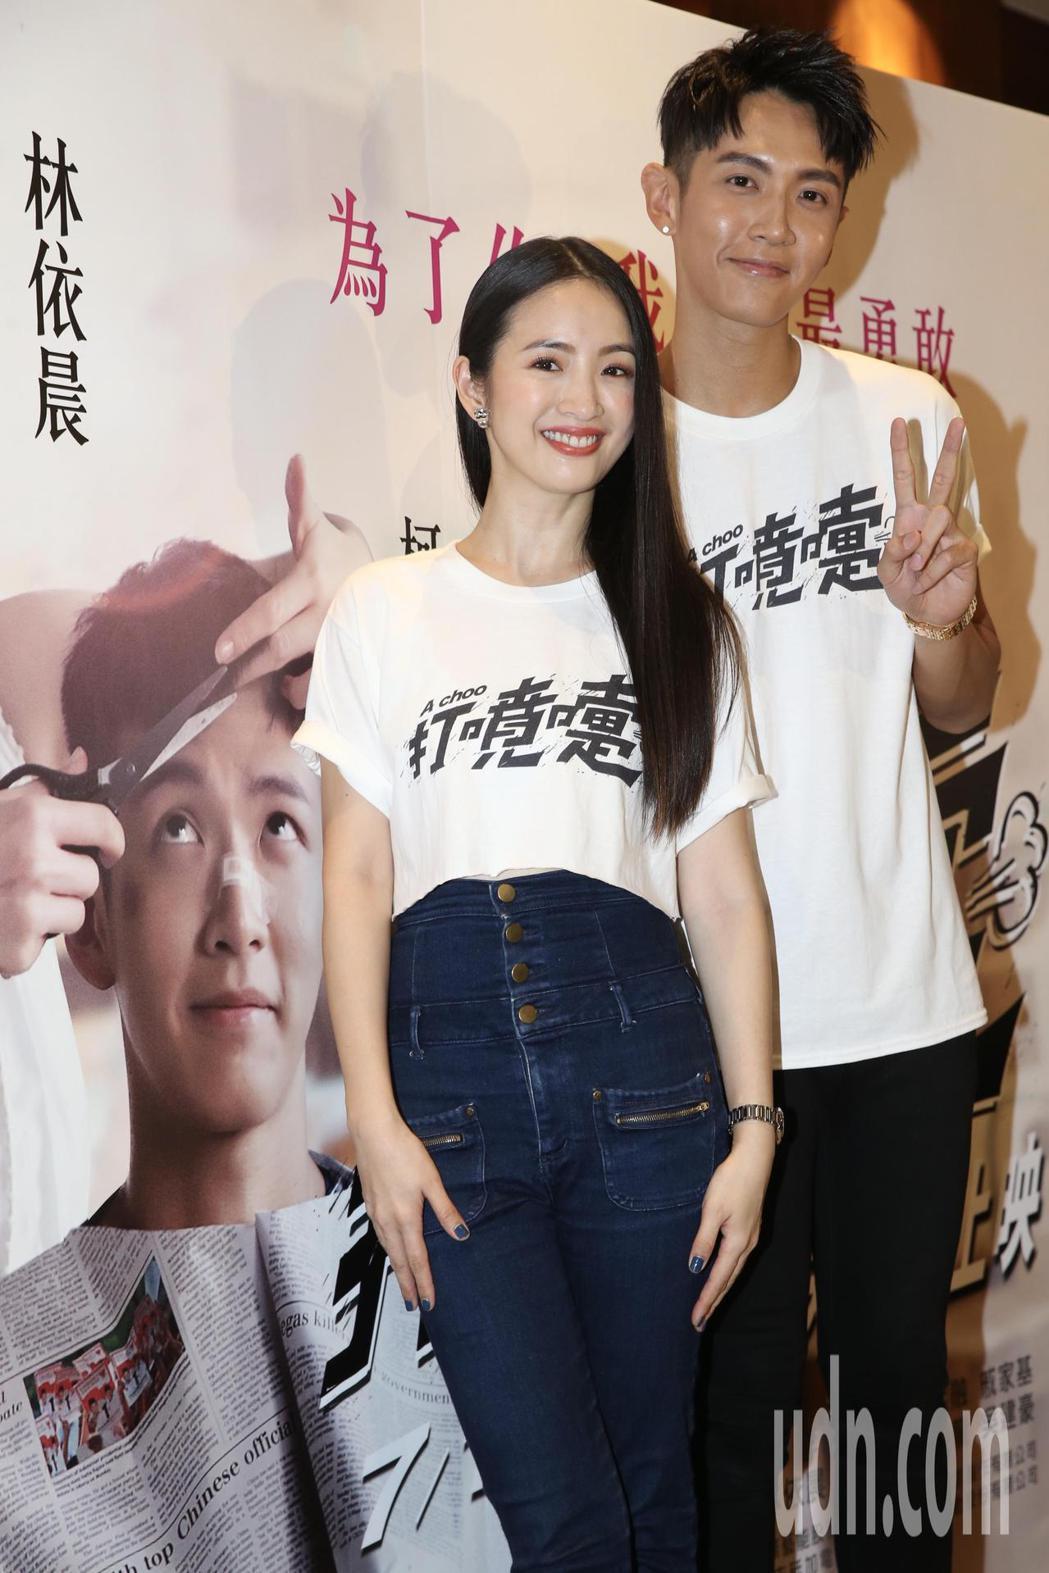 藝人柯震東(右)、林依晨(左)主演的電影新片「打噴嚏」即將上映,兩人今天下午在台